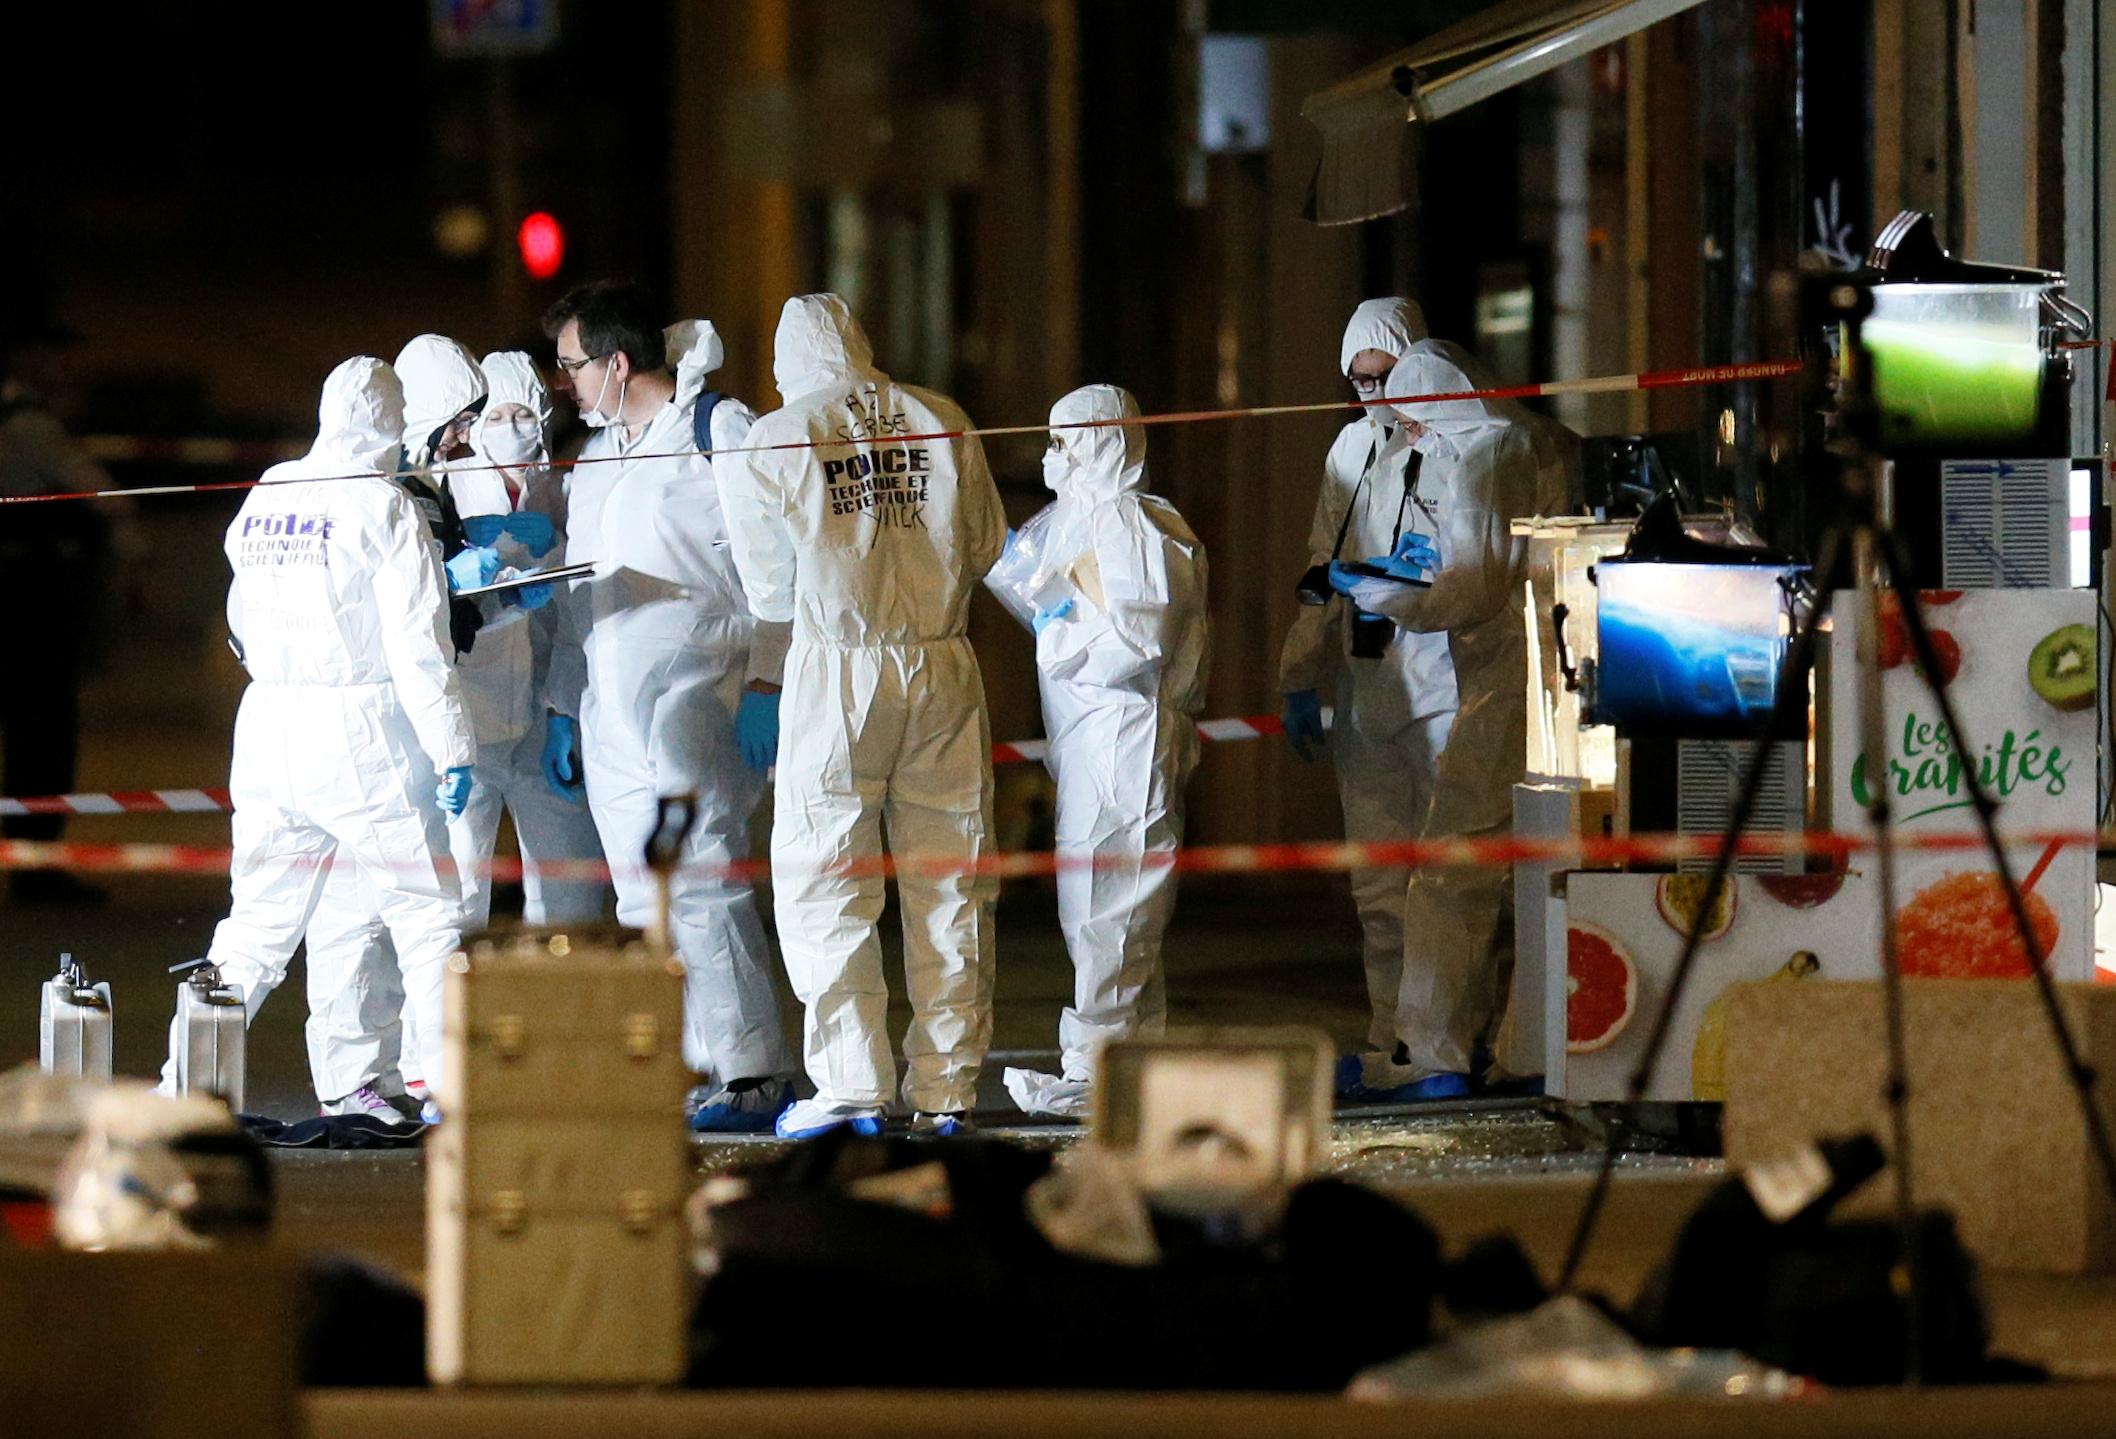 Chasse à l'homme en cours après l'attaque au colis piégé à Lyon